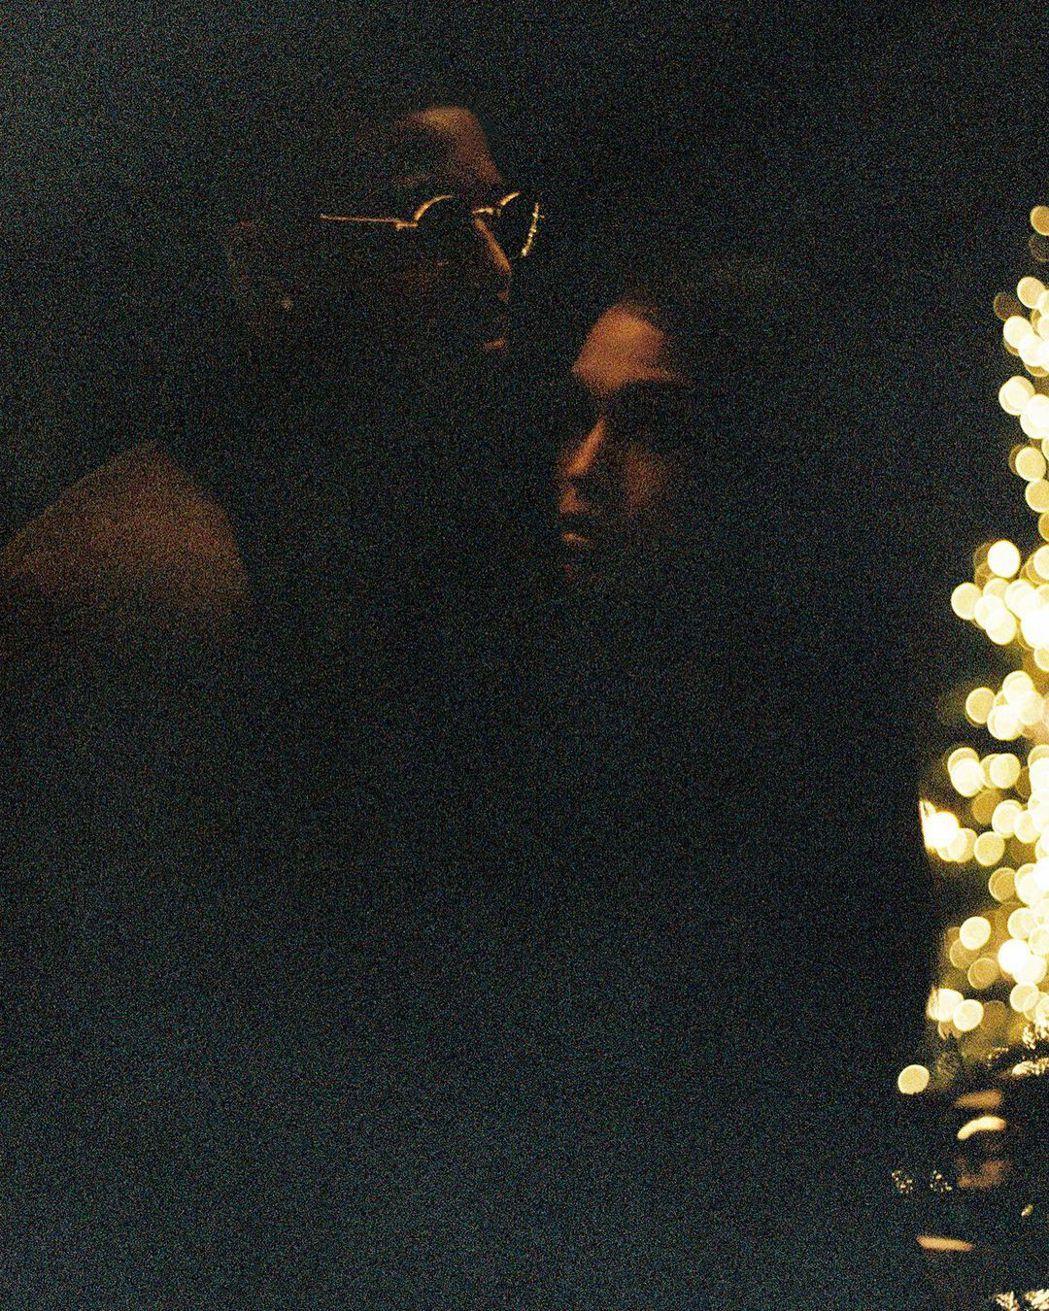 麥可B喬丹發布和洛莉哈維合照,承認交往中。圖/摘自Instagram